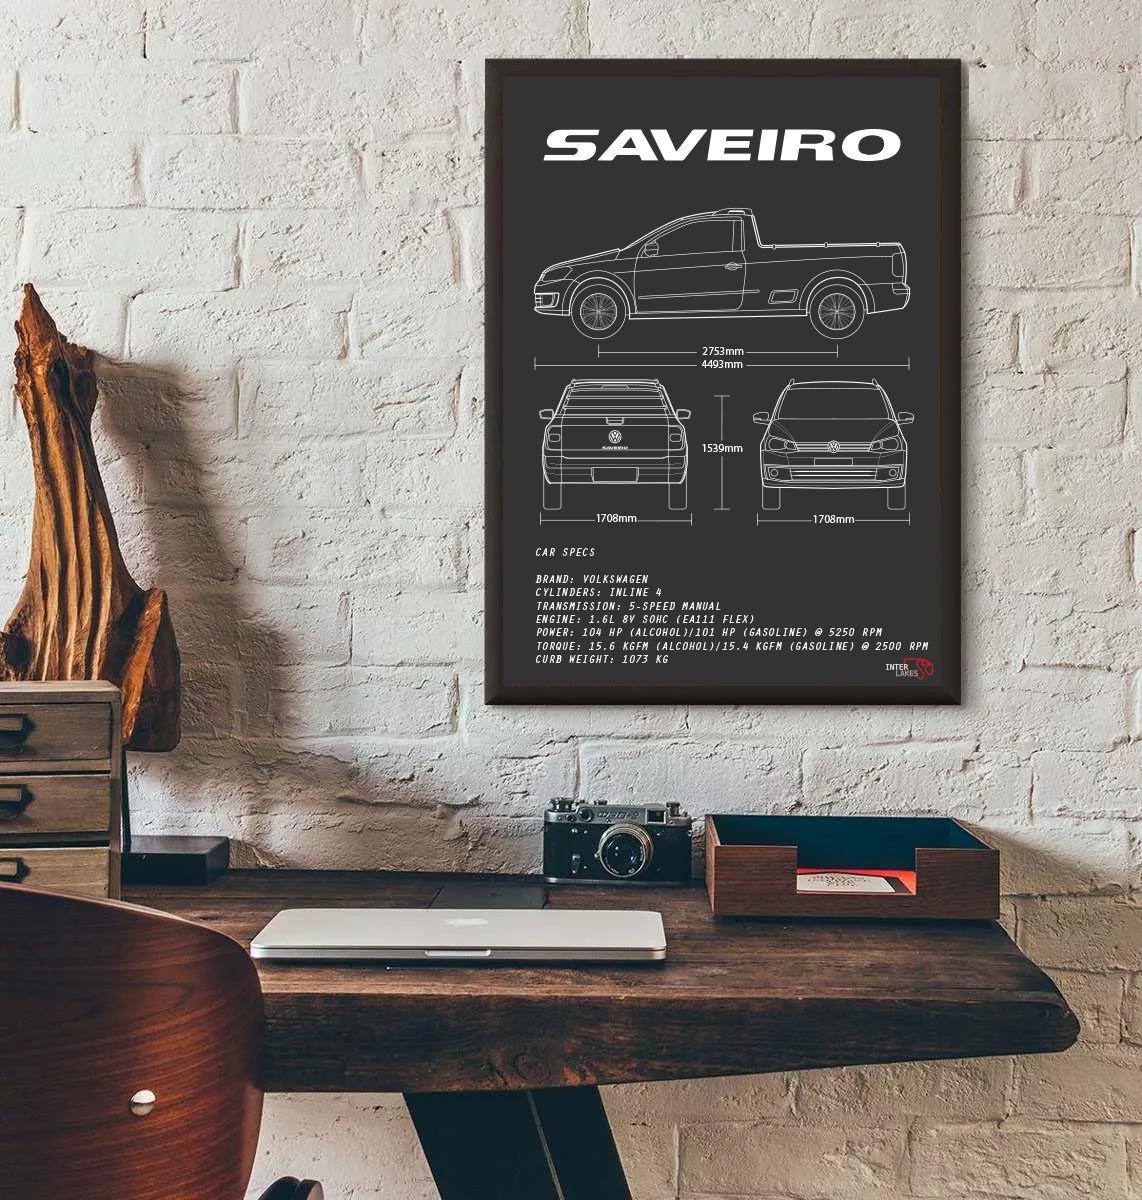 VOLKSWAGEN SAVEIRO G6 CABINE STANDARD